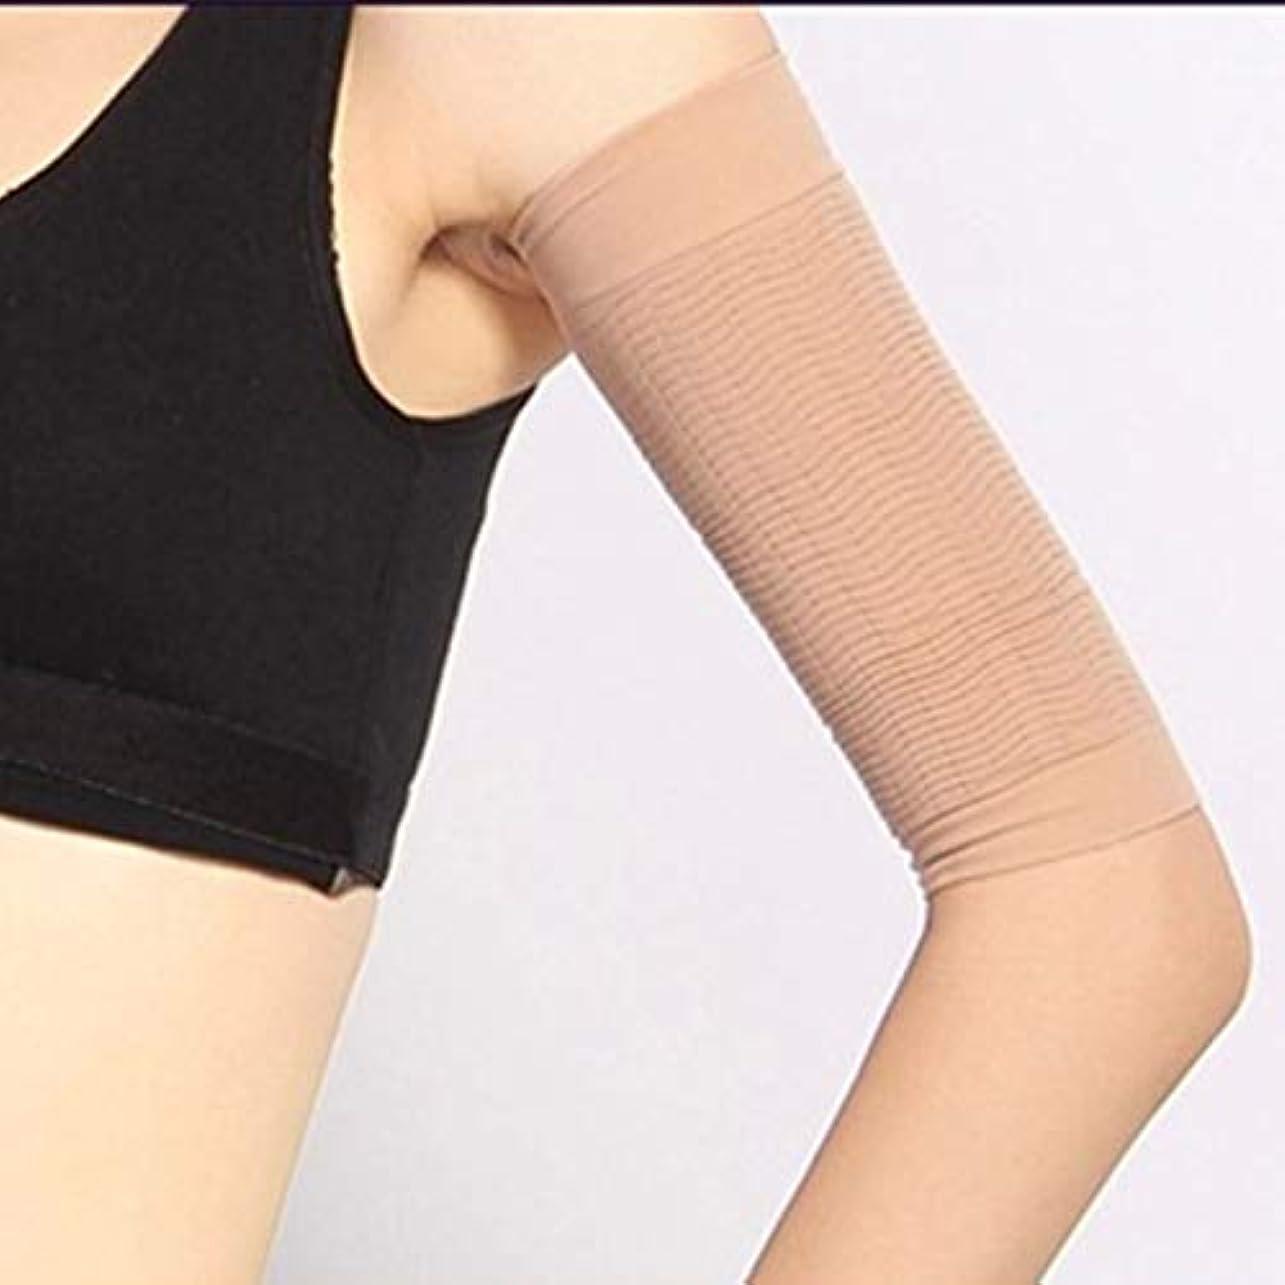 再編成する有料メニューDeeploveUU 1ペア420 d圧縮痩身アームスリーブワークアウトトーニングバーンセルライトシェイパー脂肪燃焼袖用女性